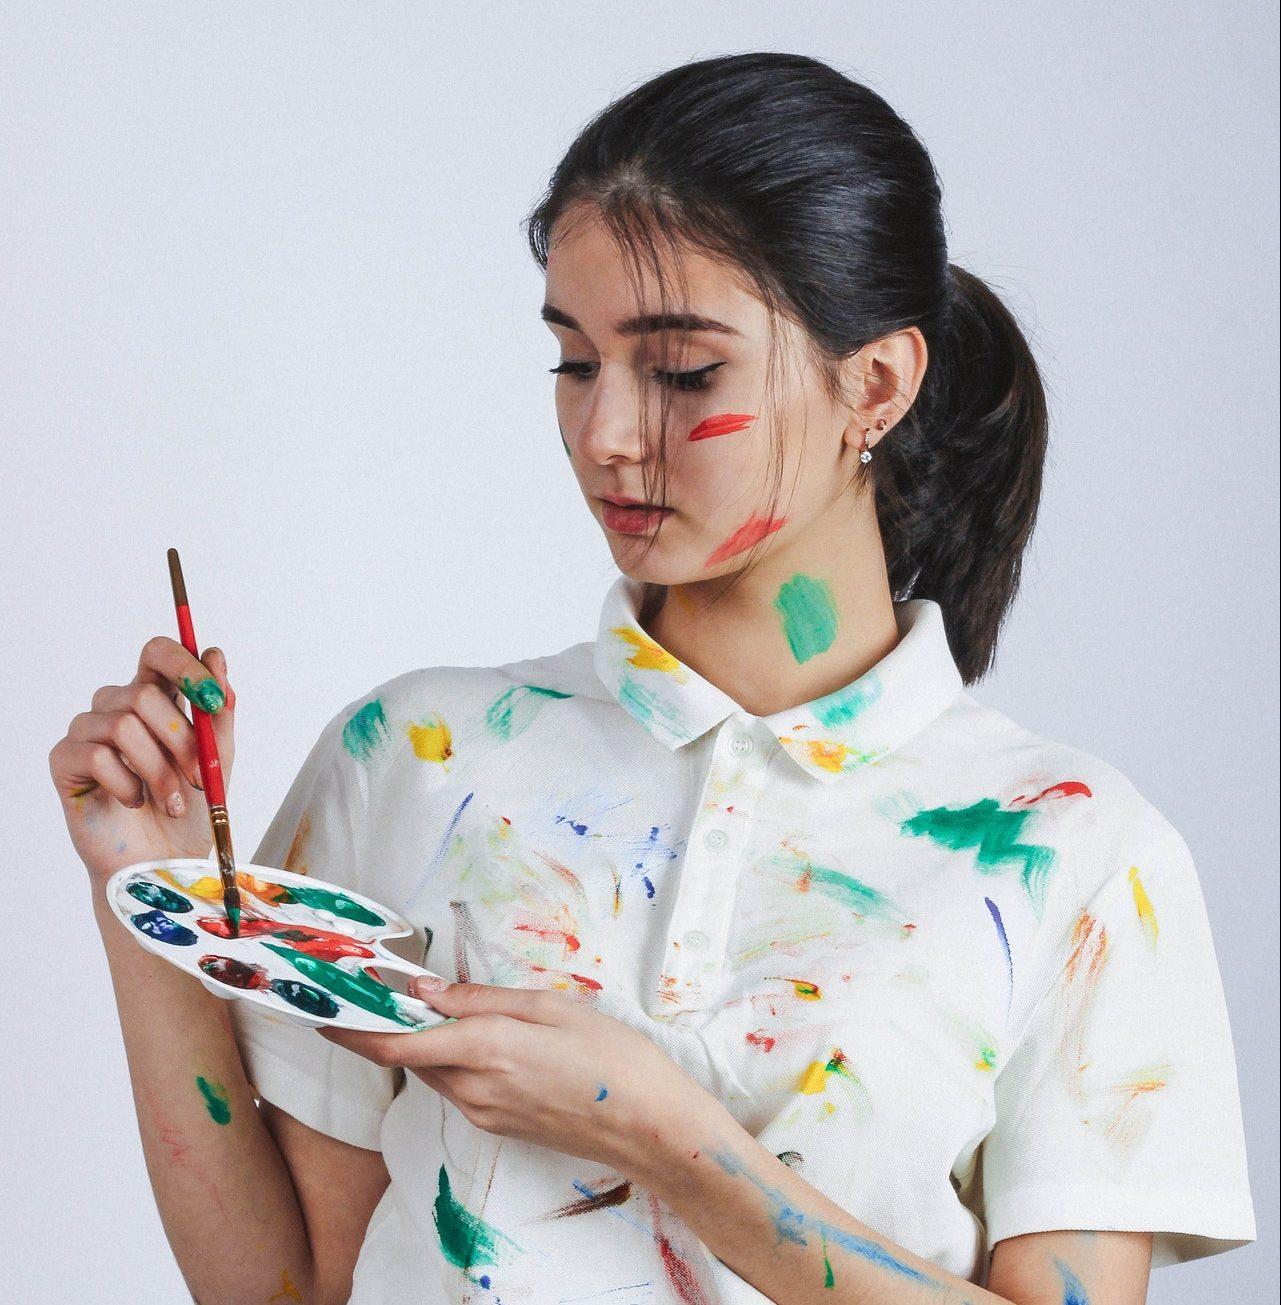 Read more about the article Comment enlever la peinture sur un vêtement